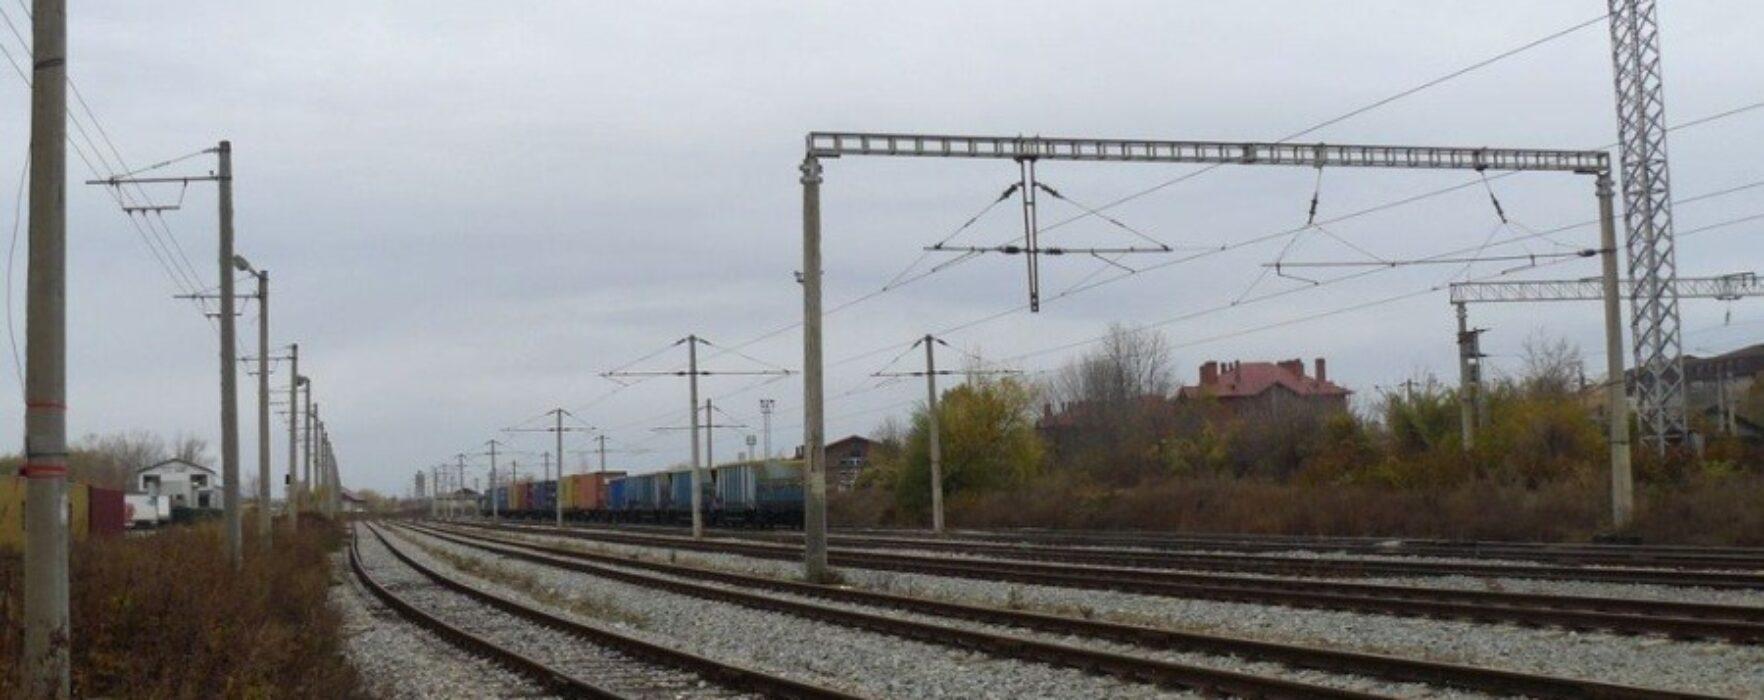 Prins în timp ce tăia componente ale reţelei electrice din zona căii ferate Târgovişte-Văcăreşti